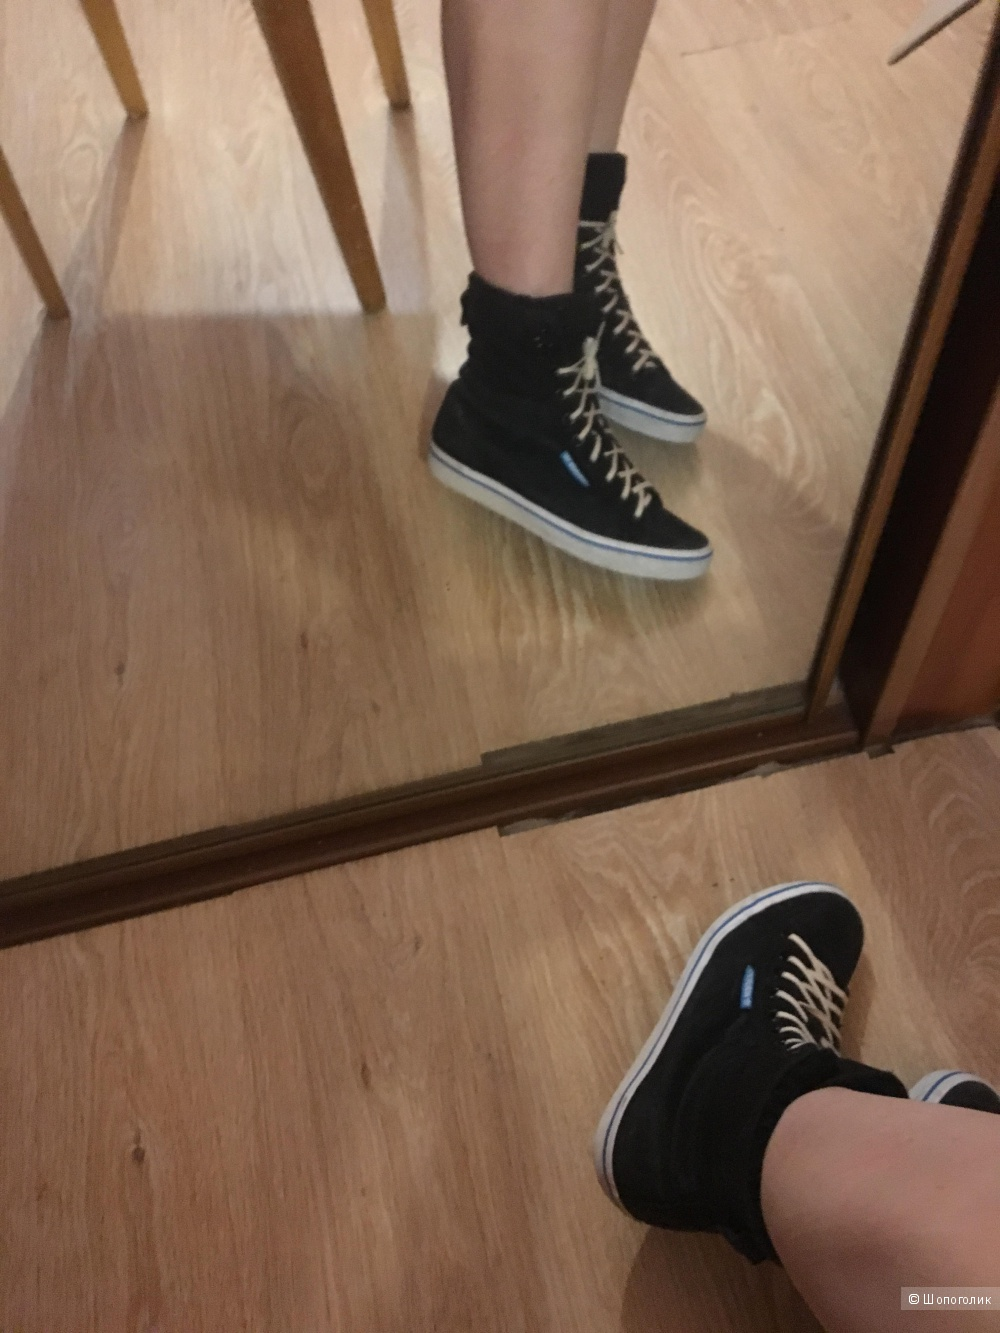 Кеды кроссовки adidas размер 37.5-38, пару раз в носке оригинал